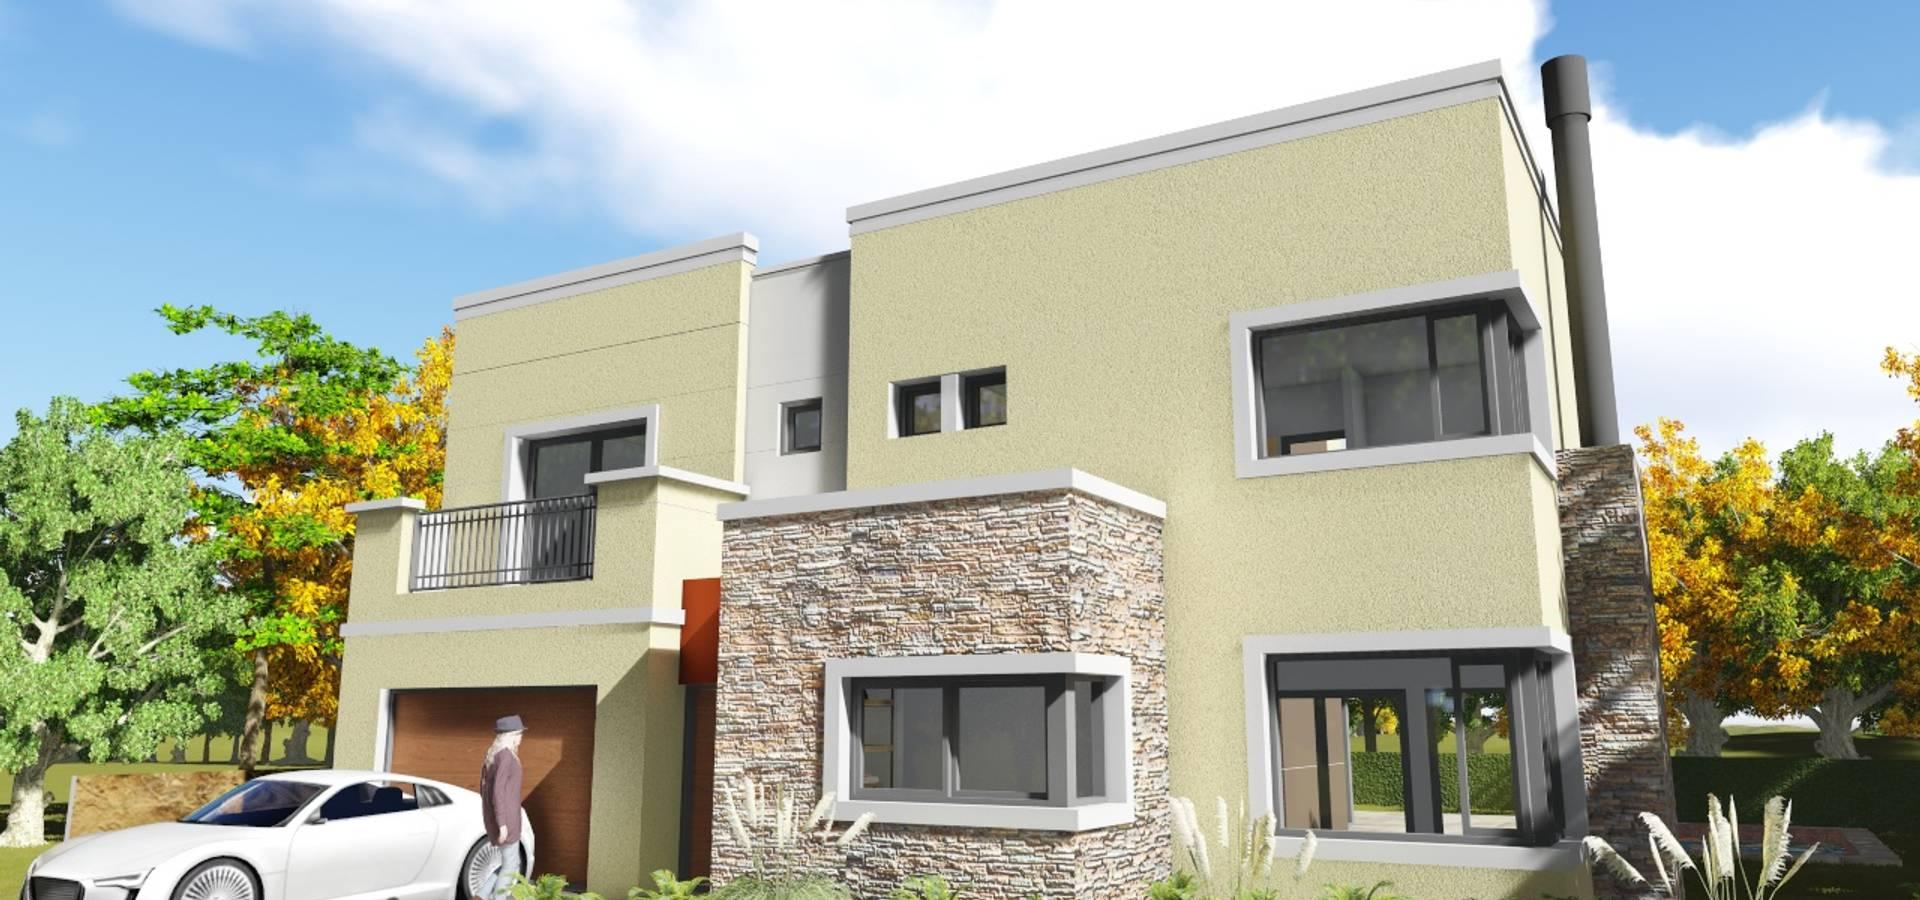 Estudio de arquitectura MSM  (Mar del Plata+Balcarce+Tandil)